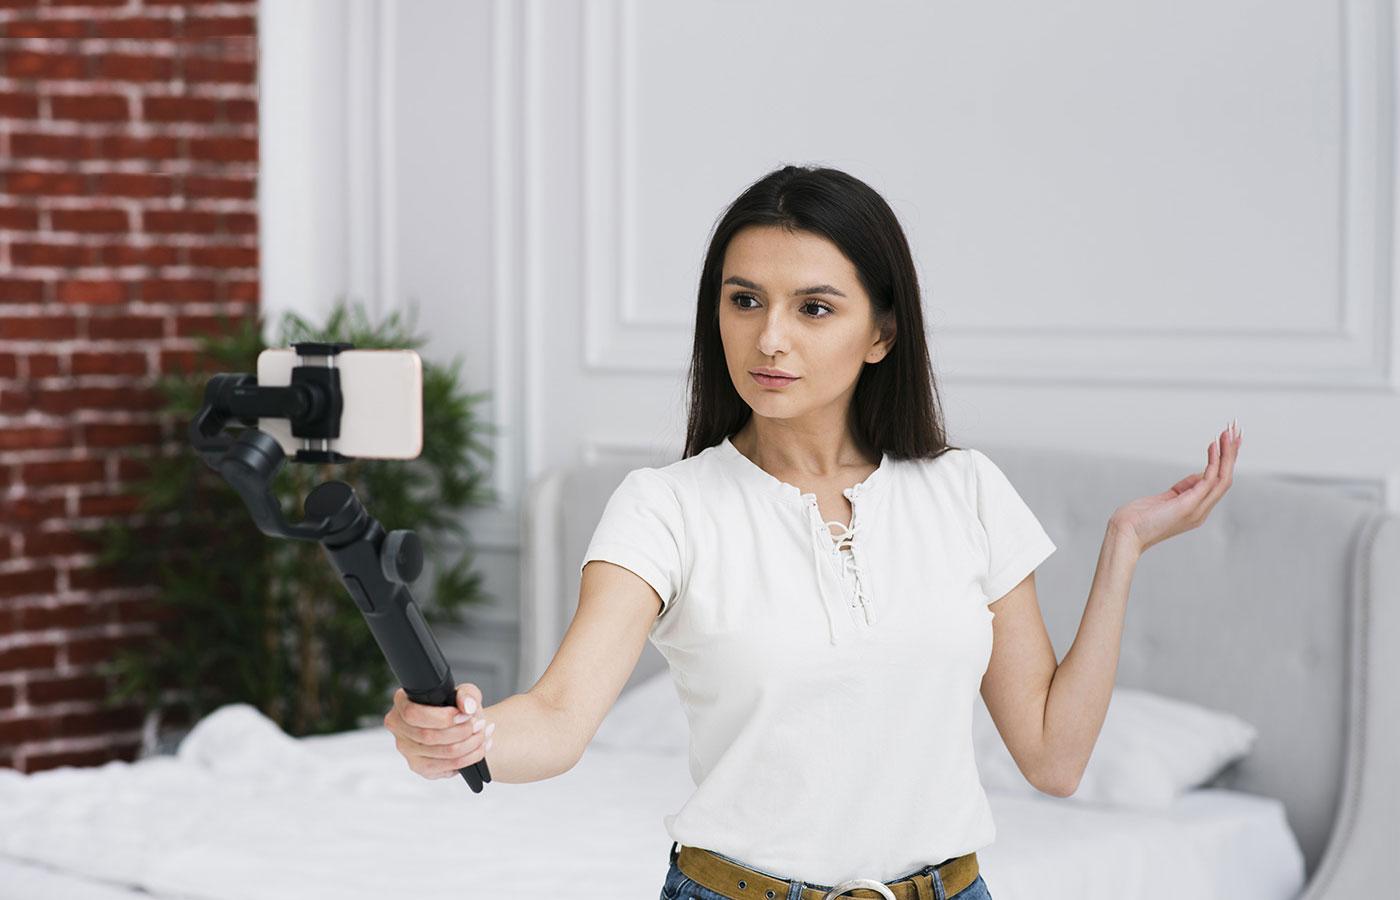 donna che registra con telefono